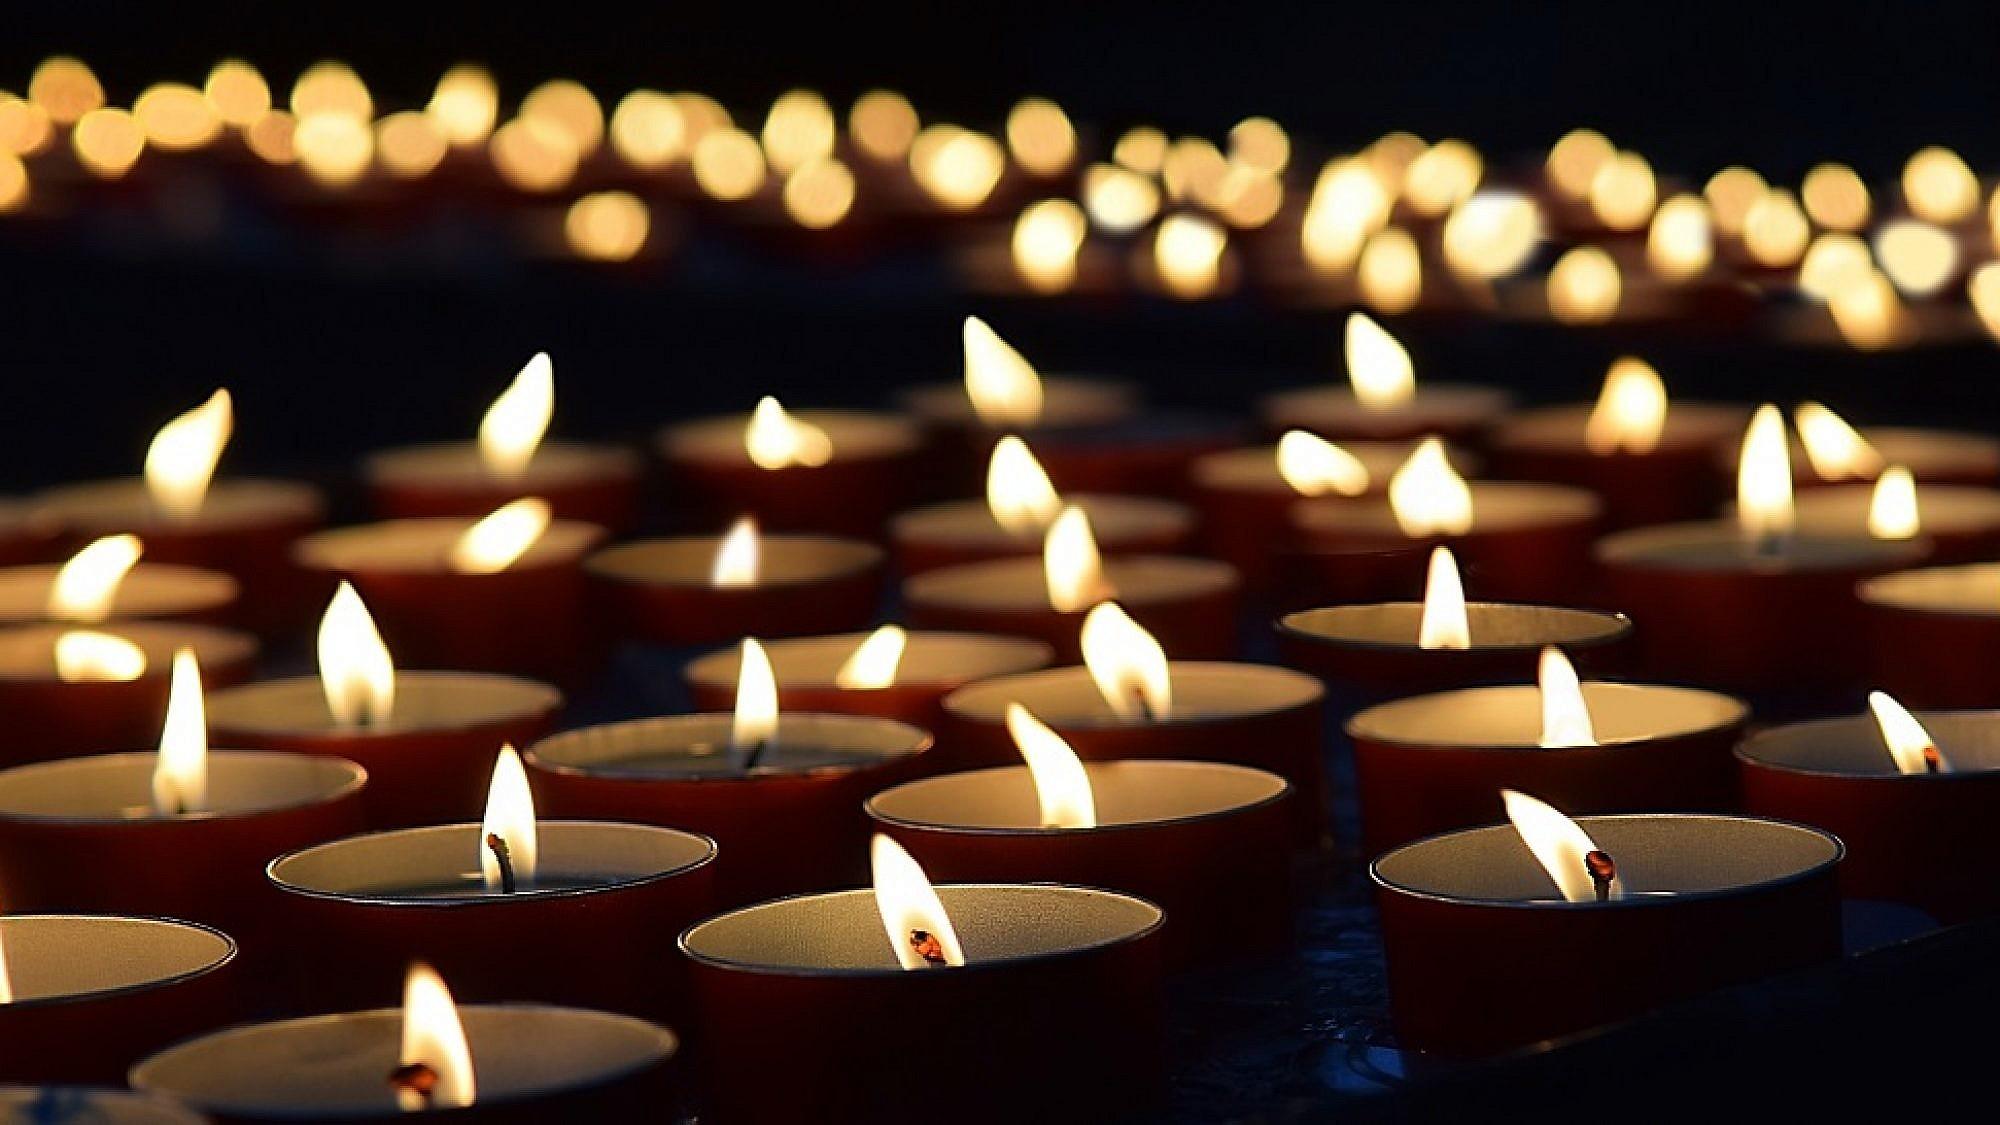 יום הזיכרון (צילום: Shutterstock)